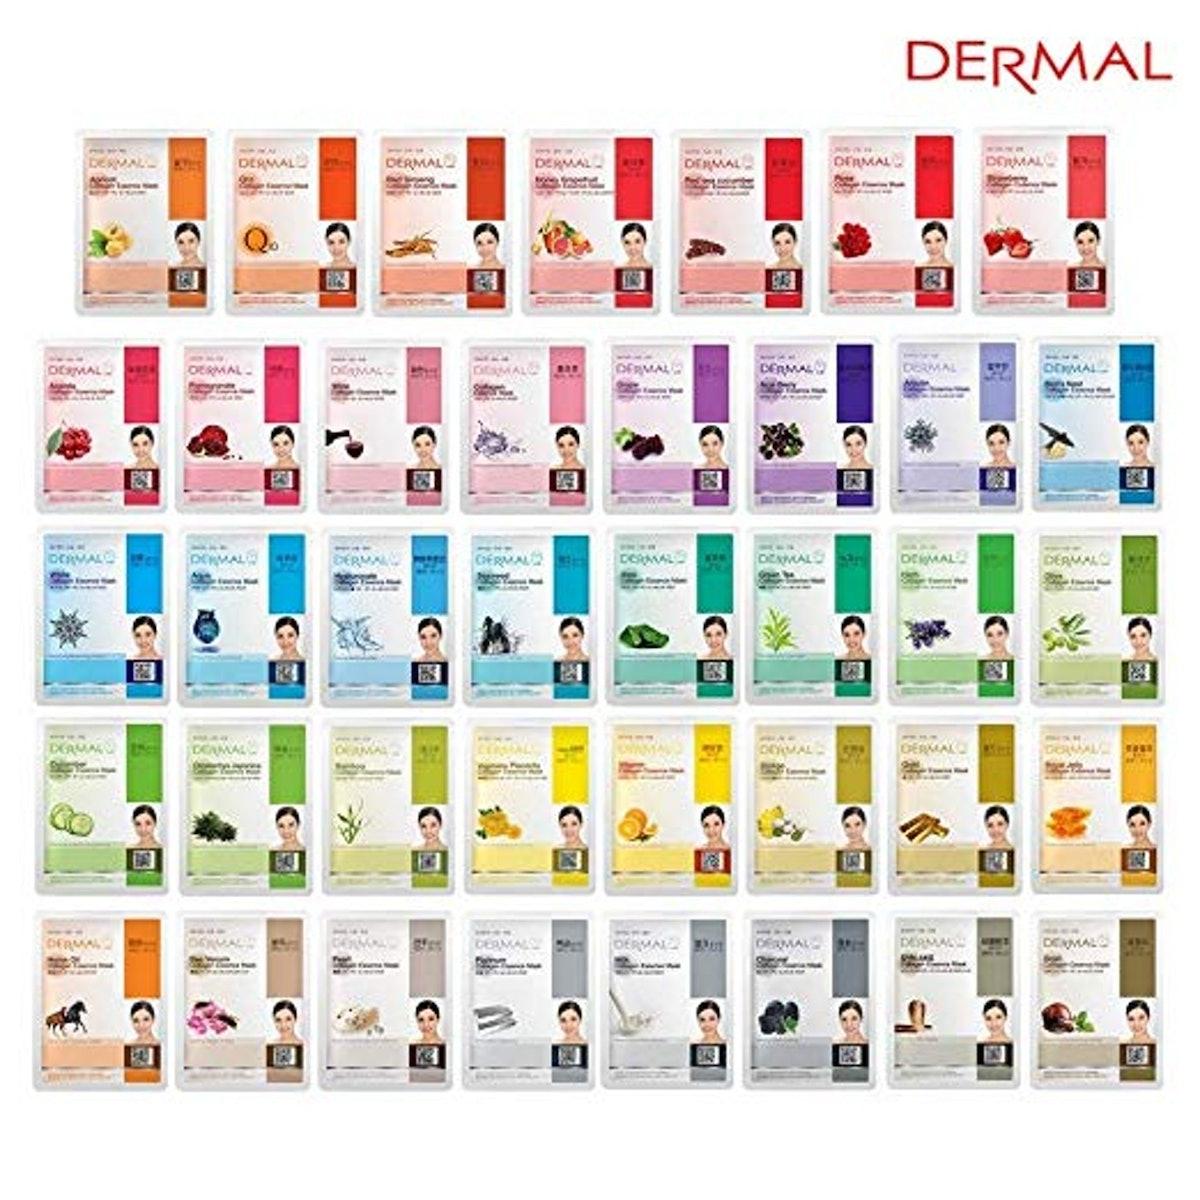 DERMAL Collagen Essence Sheet Masks (39-Pack)